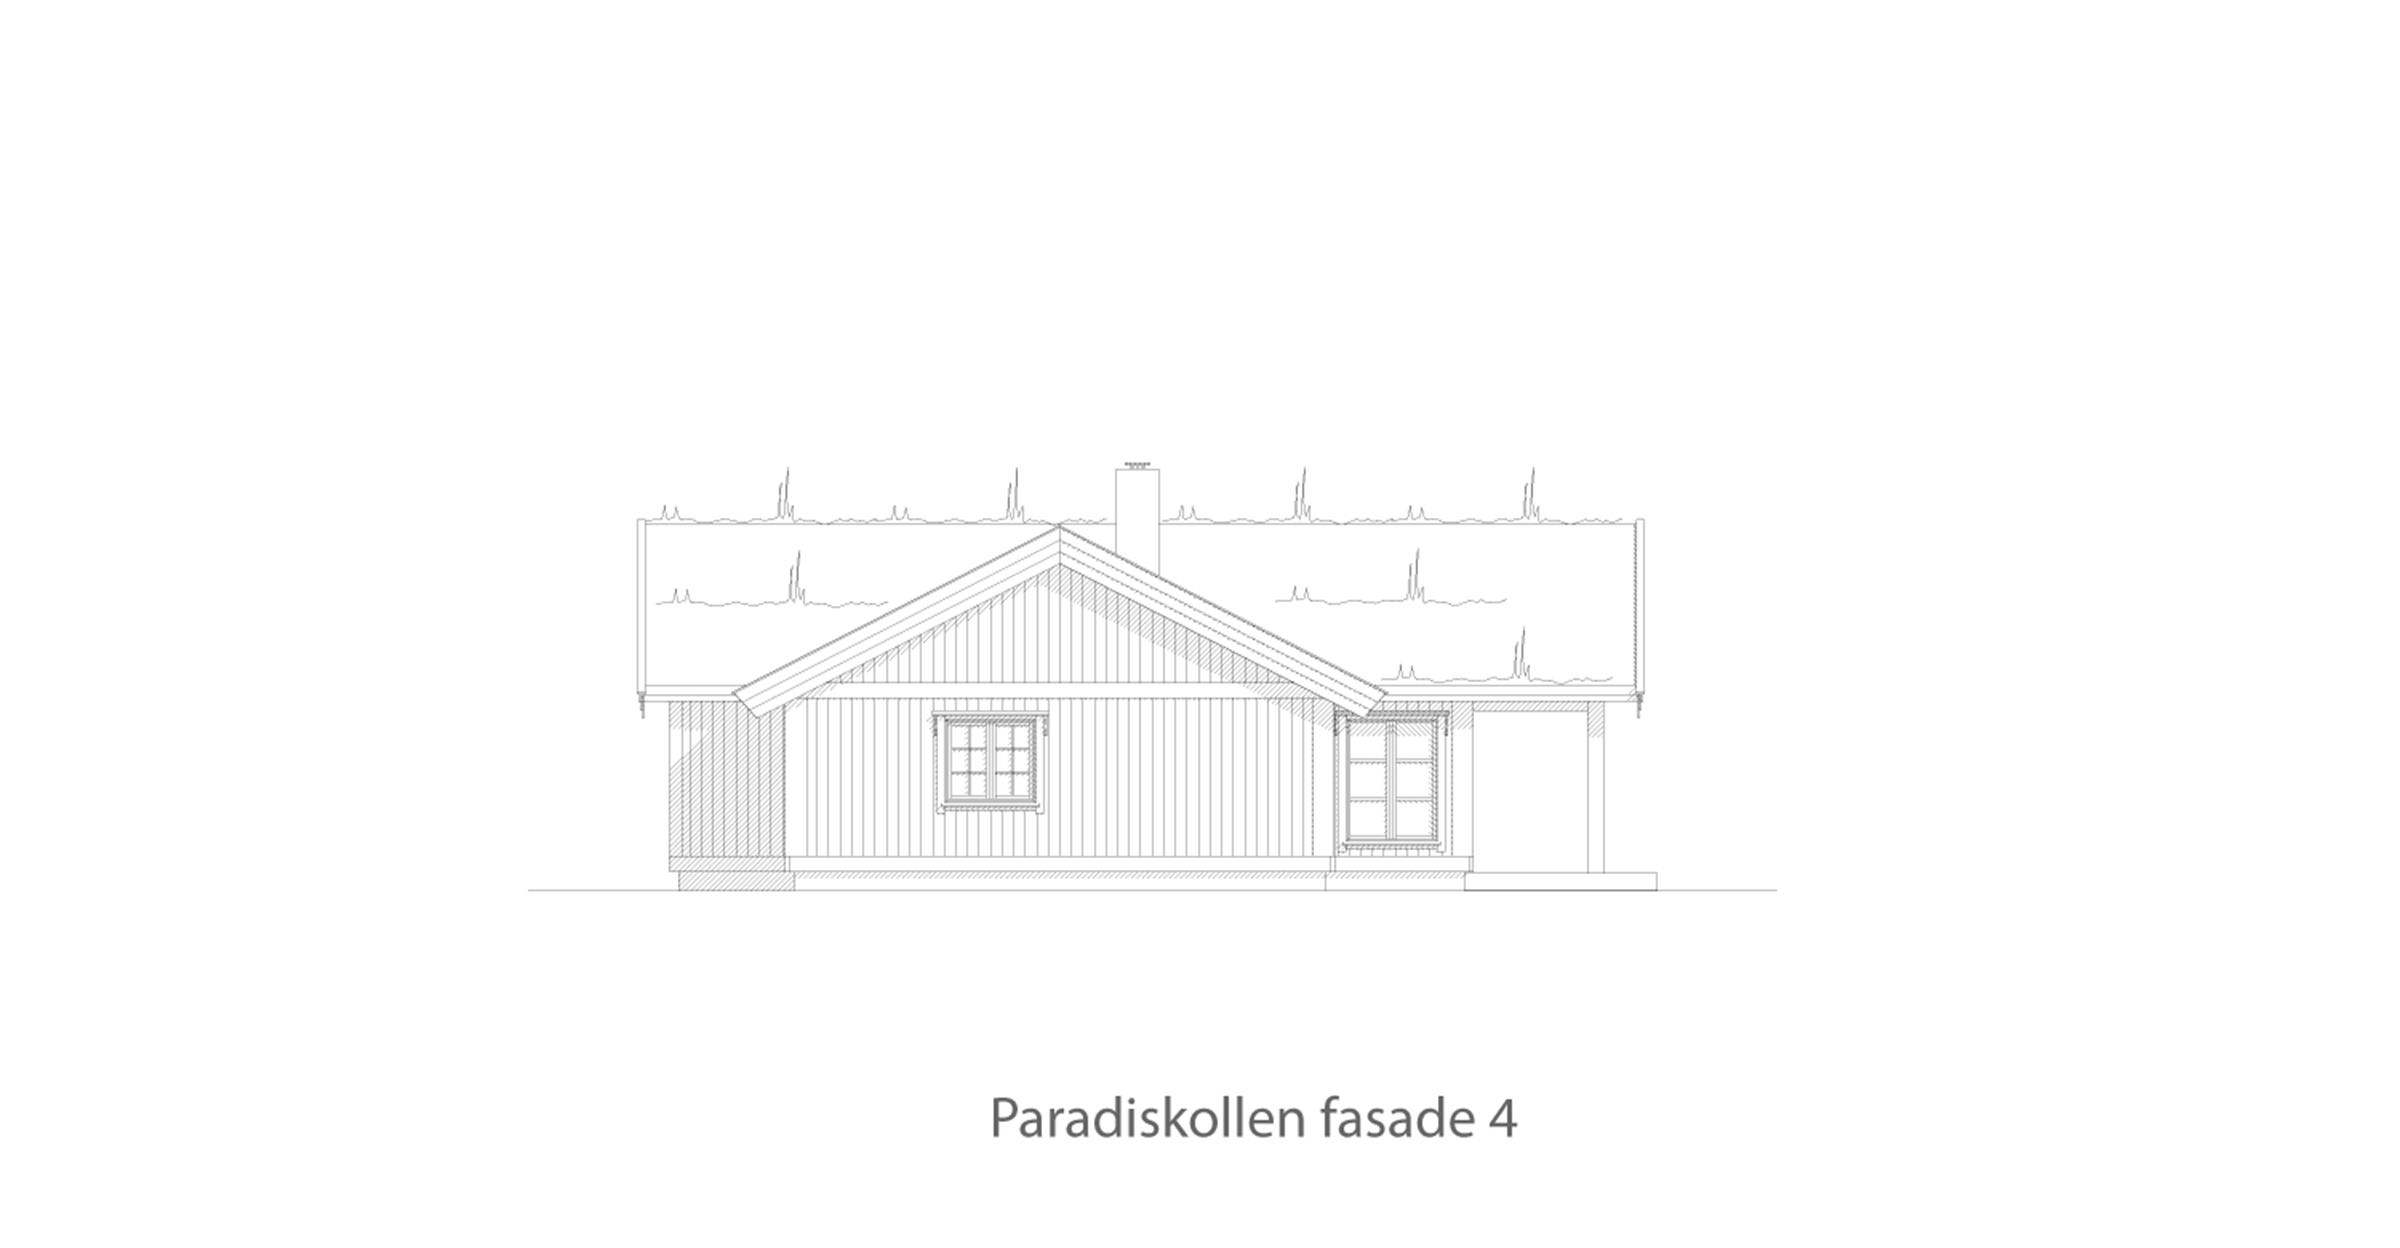 Paradiskollen fasade 4